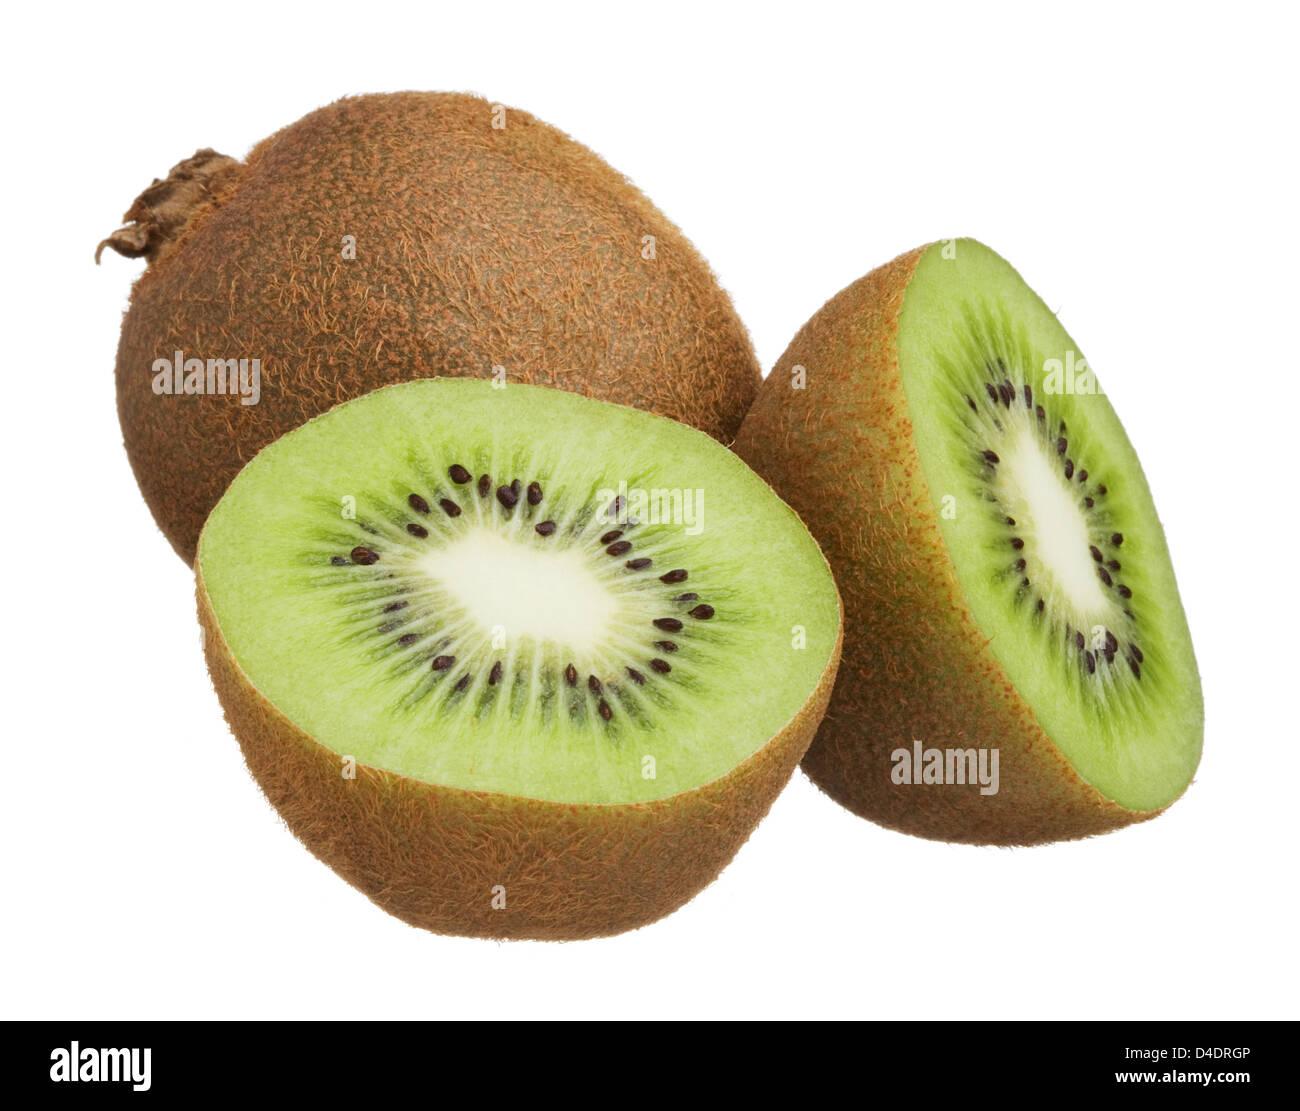 Kiwi halbieren isoliert auf weißem Hintergrund Stockbild